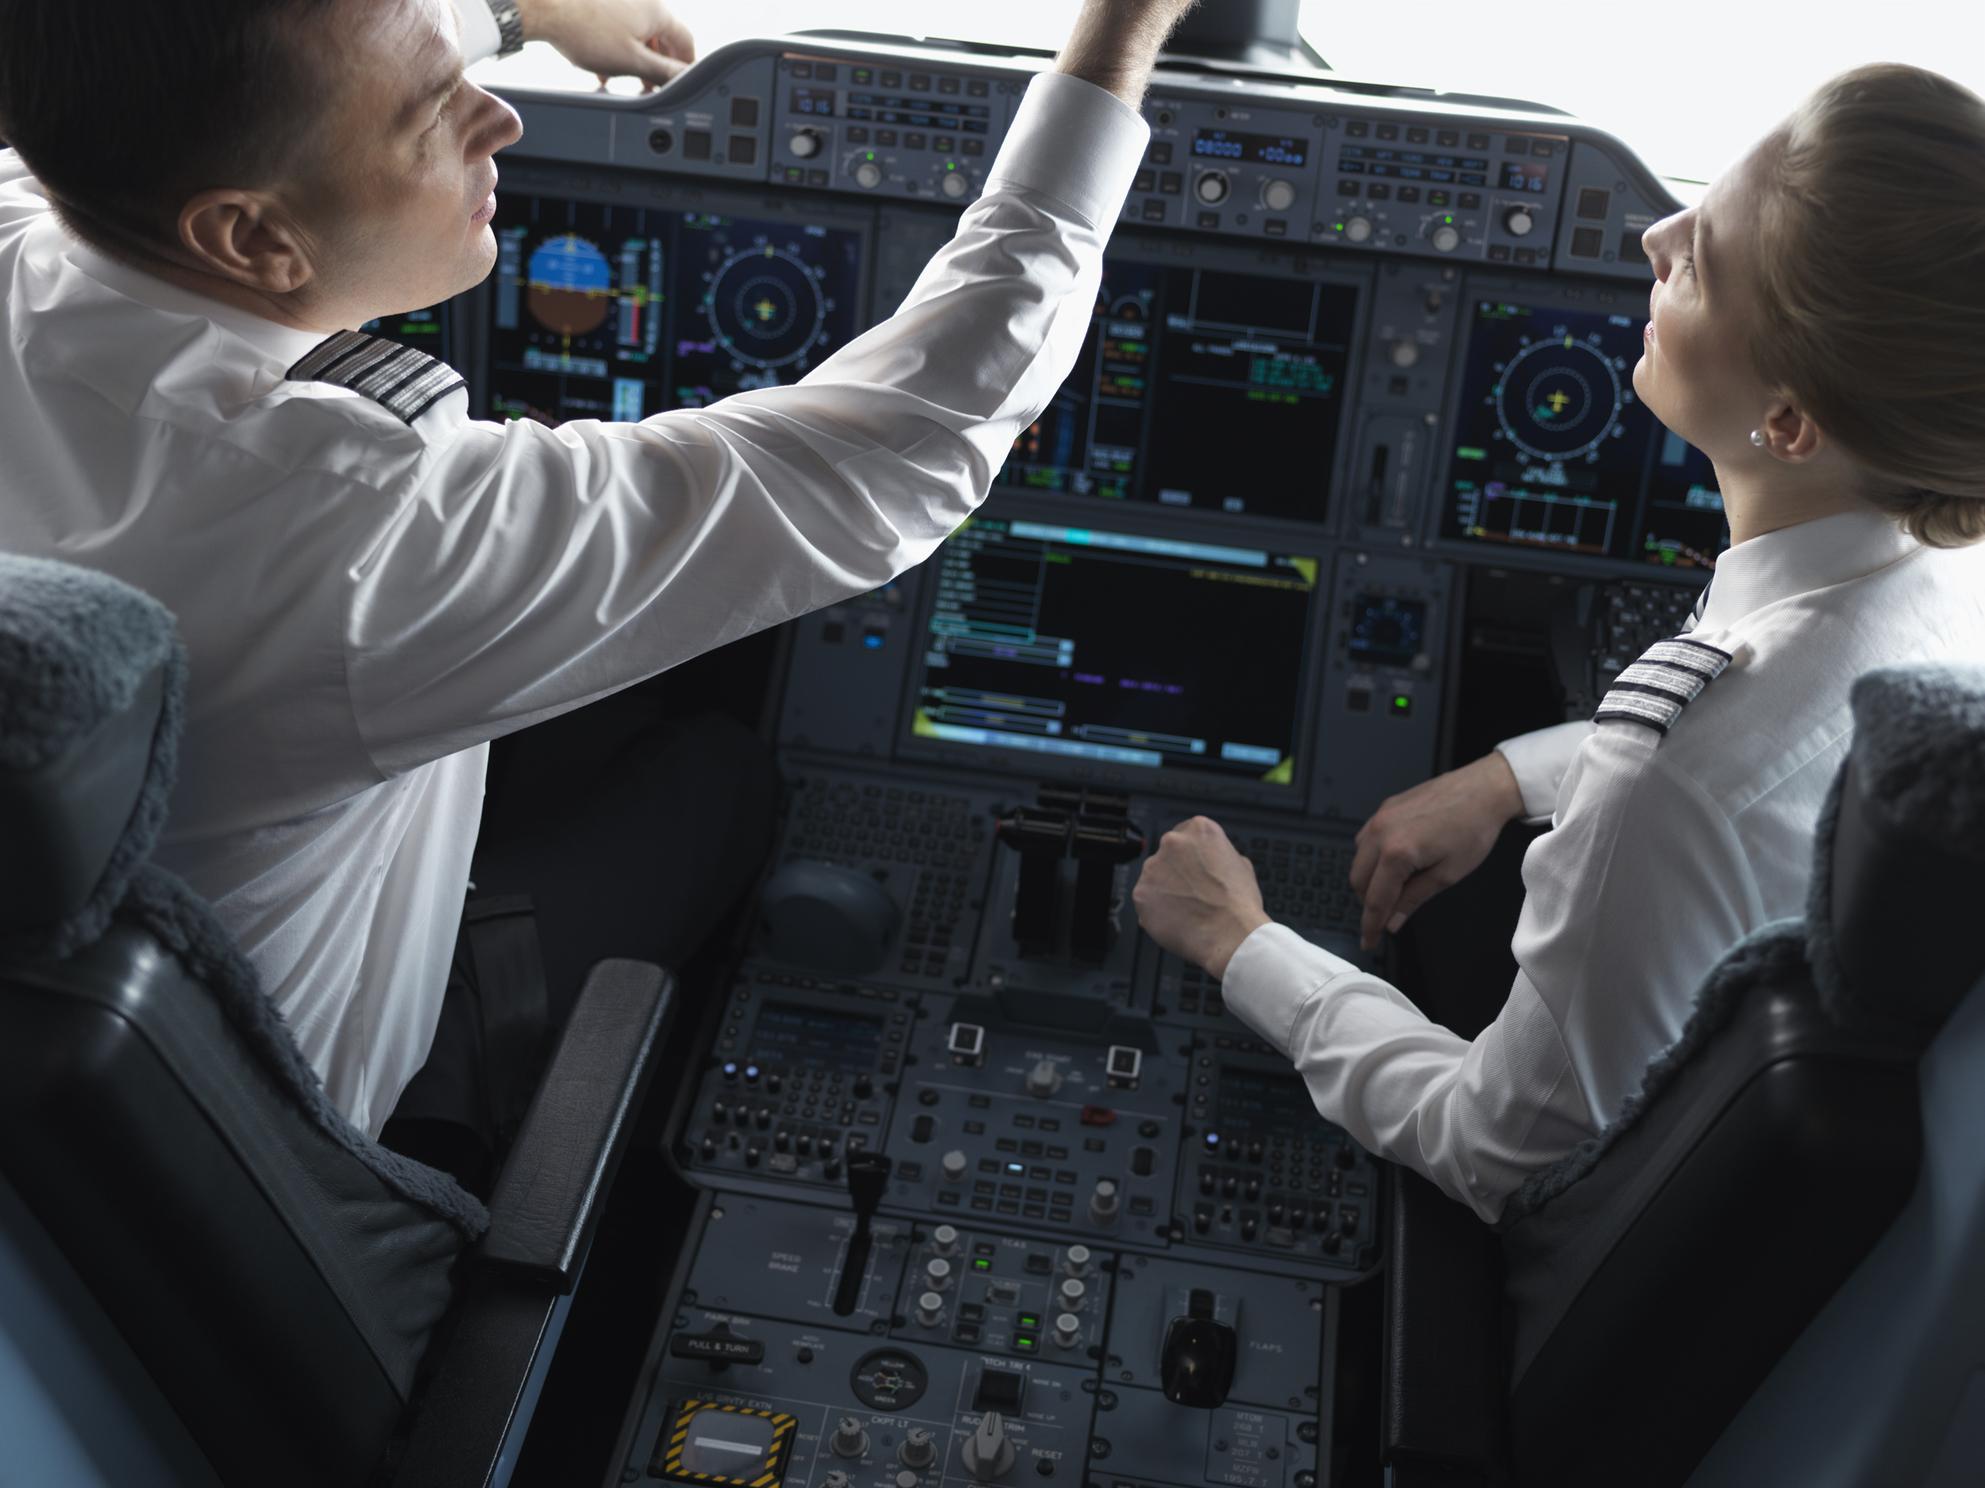 Piloter i cockpittet på Finnairs A350-900 (Foto: Finnair)